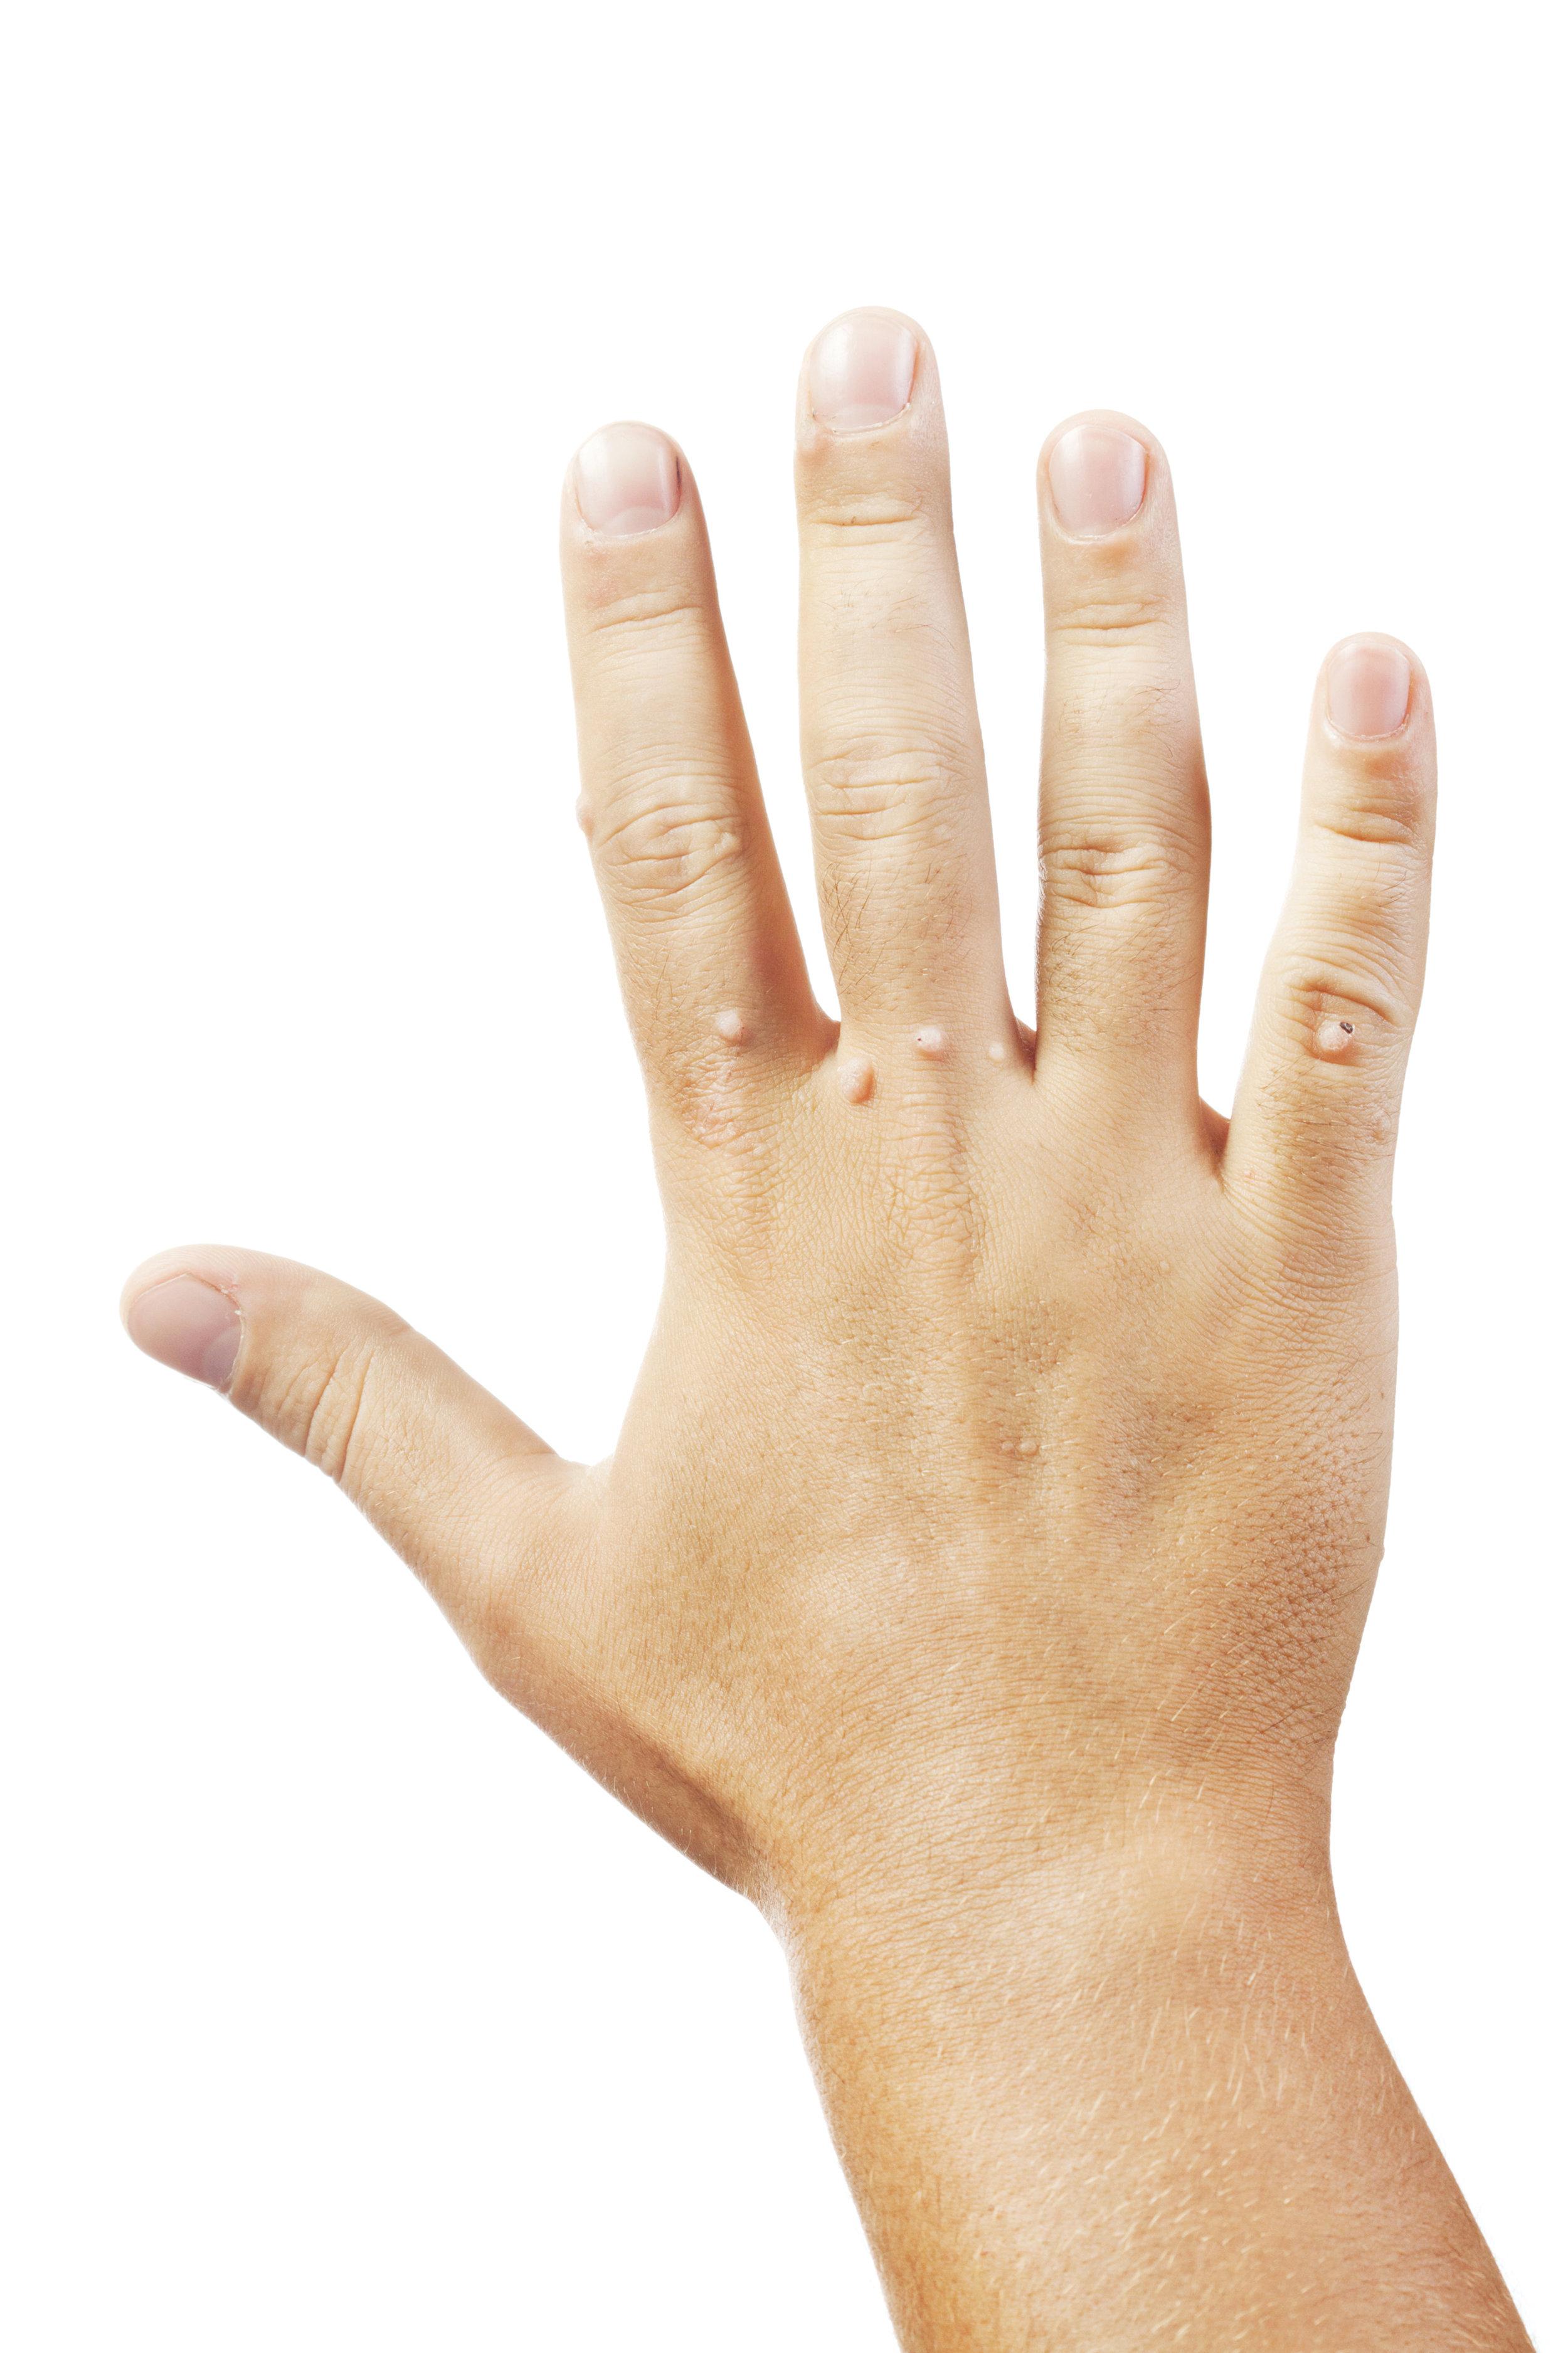 wart-on-hands.jpg